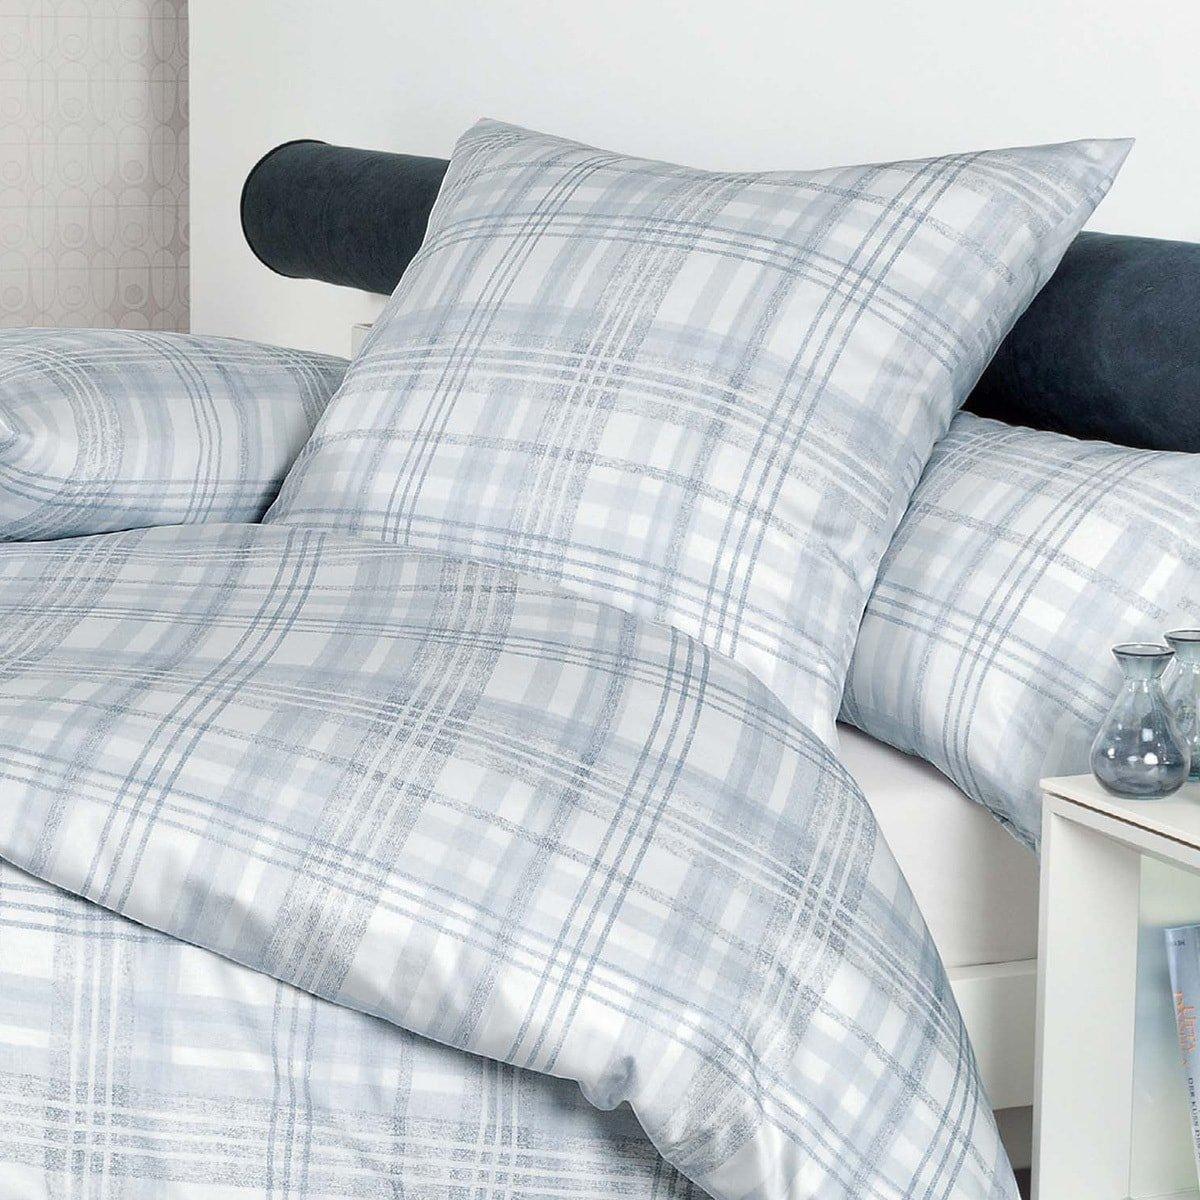 janine interlock feinjersey bettw sche carmen 53072 02 perlblau g nstig online kaufen bei. Black Bedroom Furniture Sets. Home Design Ideas